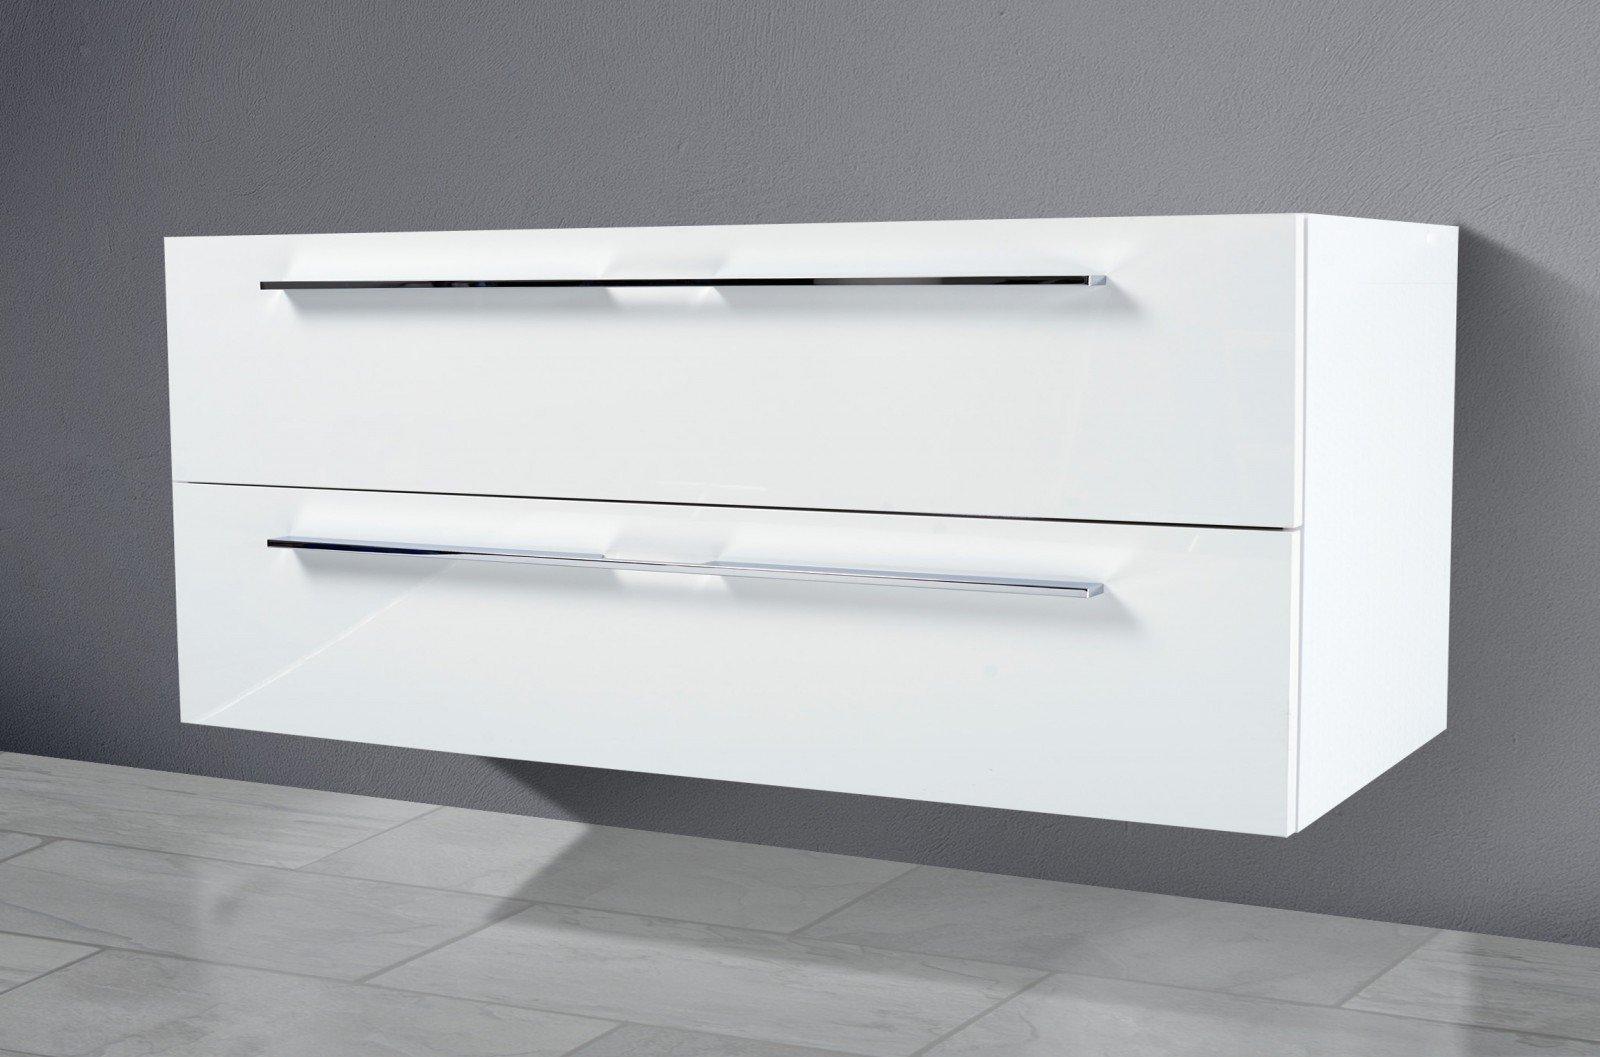 waschtischunterschränke für das bad online kaufen | designbaeder, Wohnzimmer dekoo